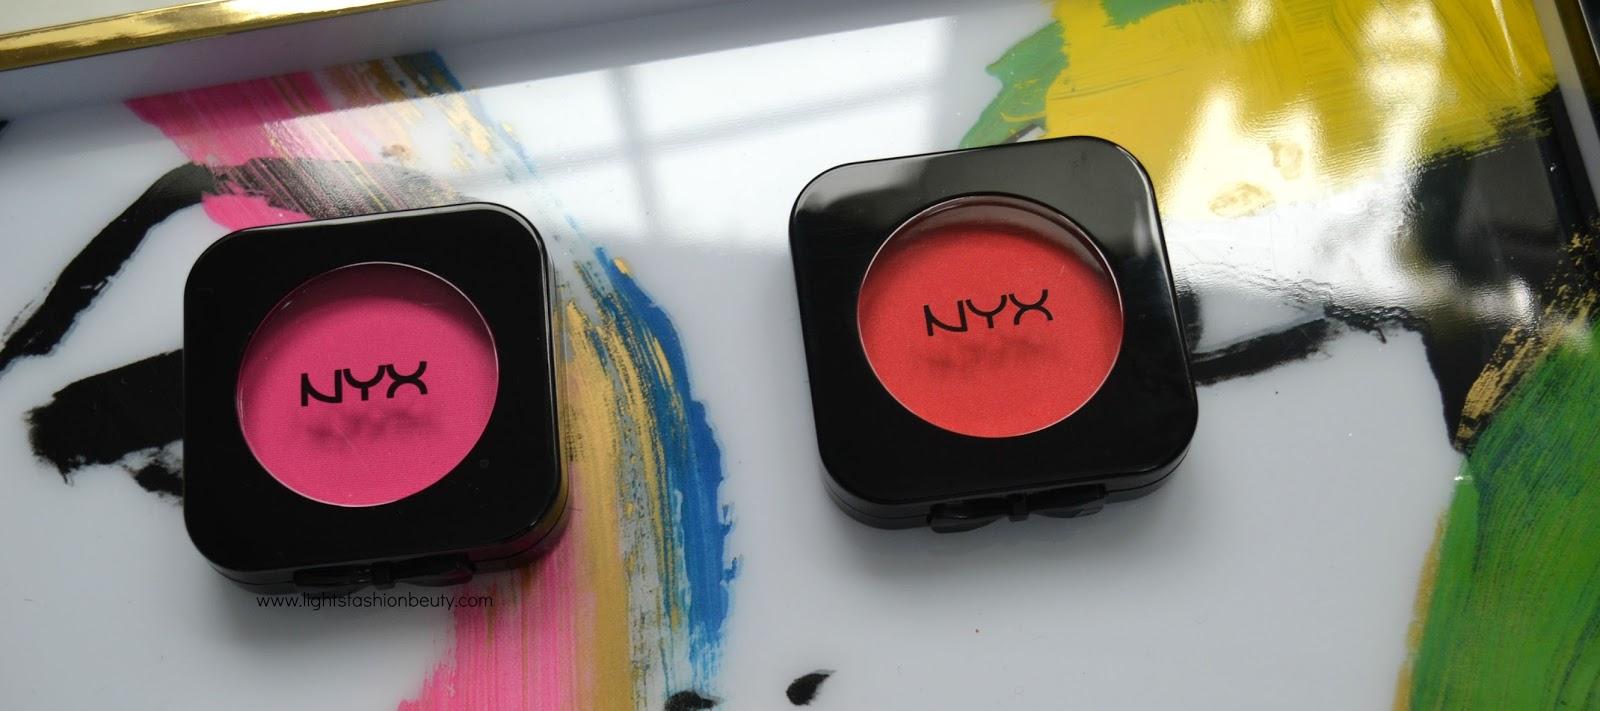 nyx hd blush, nyx cosmetics hd blush swatches dark skin, nyx electro blush, nyx crimson blush,